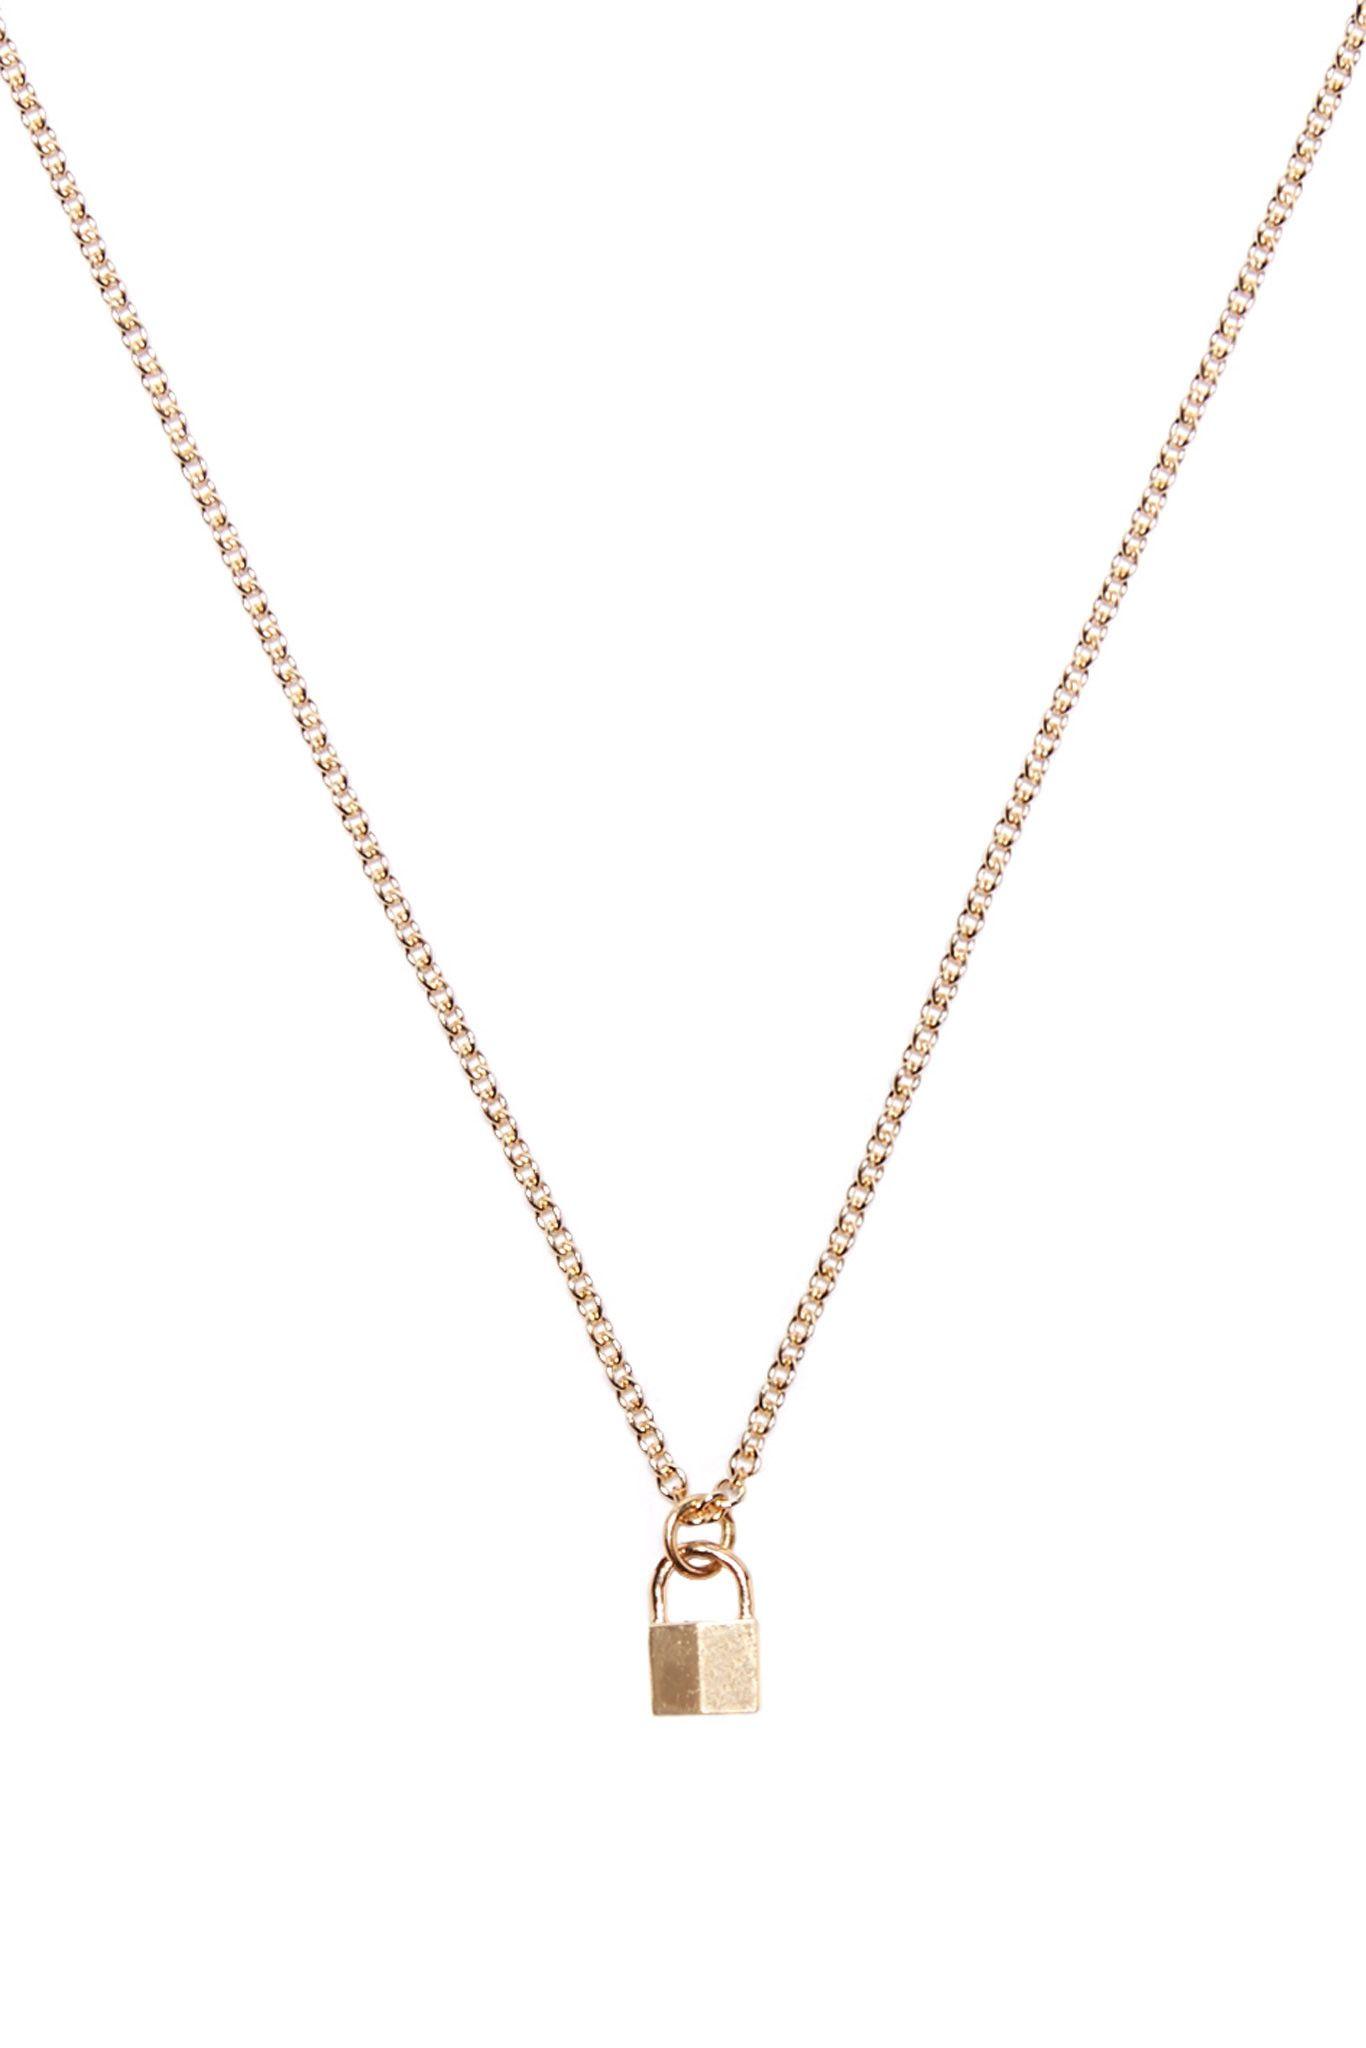 Tiny Padlock Necklace Gold Padlock Necklace Necklace Gold Necklace